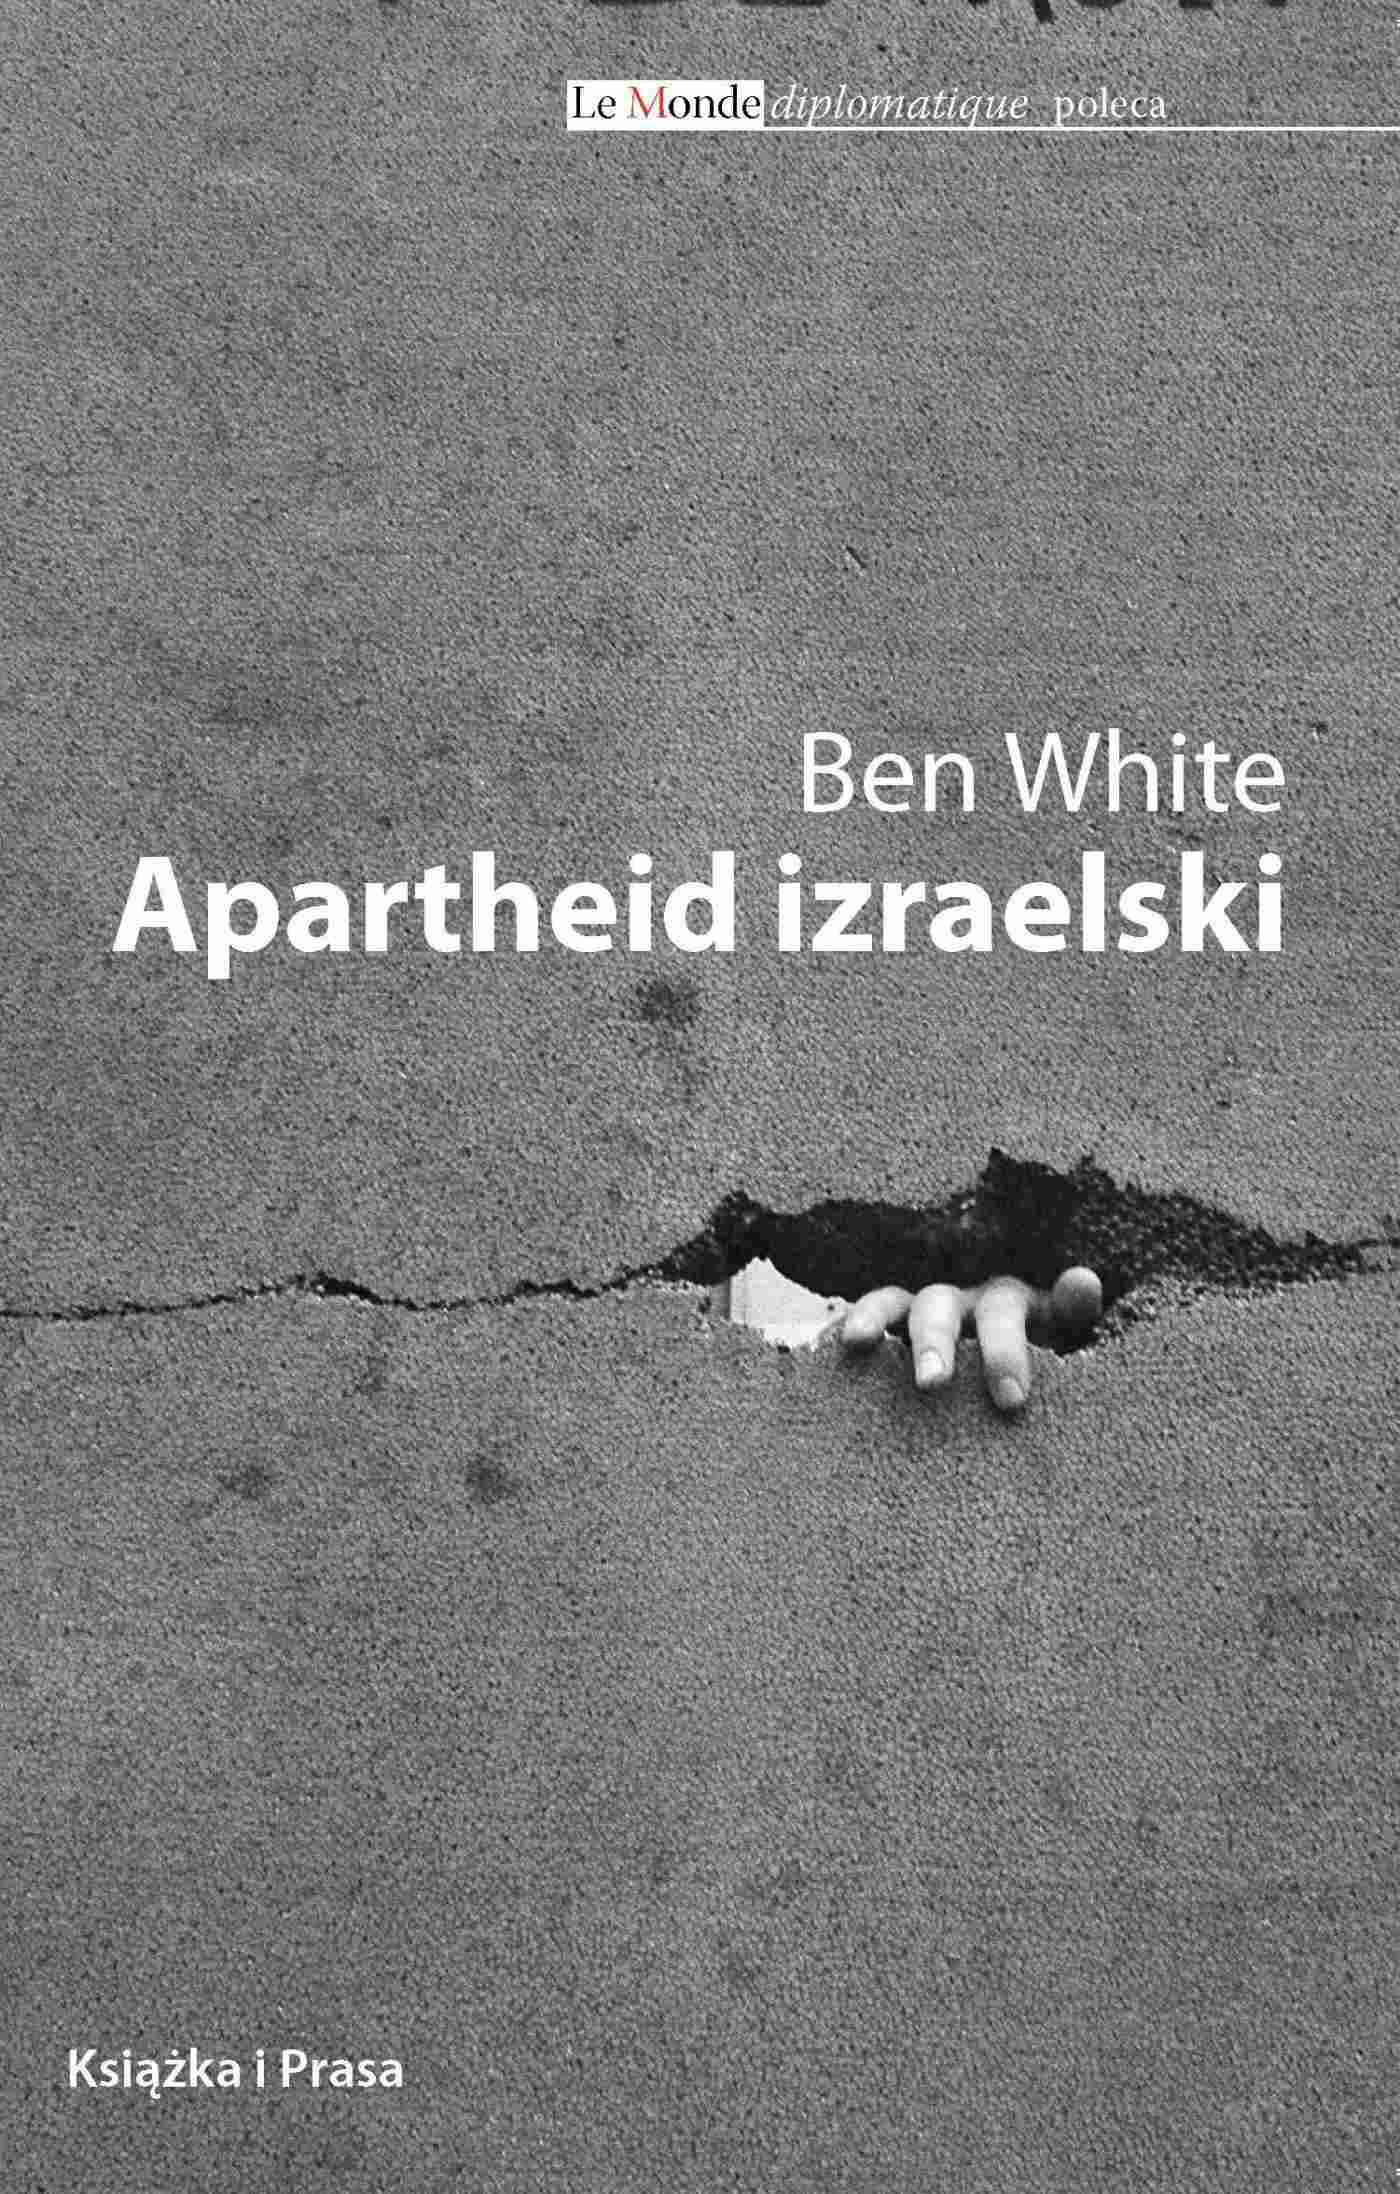 Apartheid izraelski. Przewodnik dla początkujących - Ebook (Książka na Kindle) do pobrania w formacie MOBI